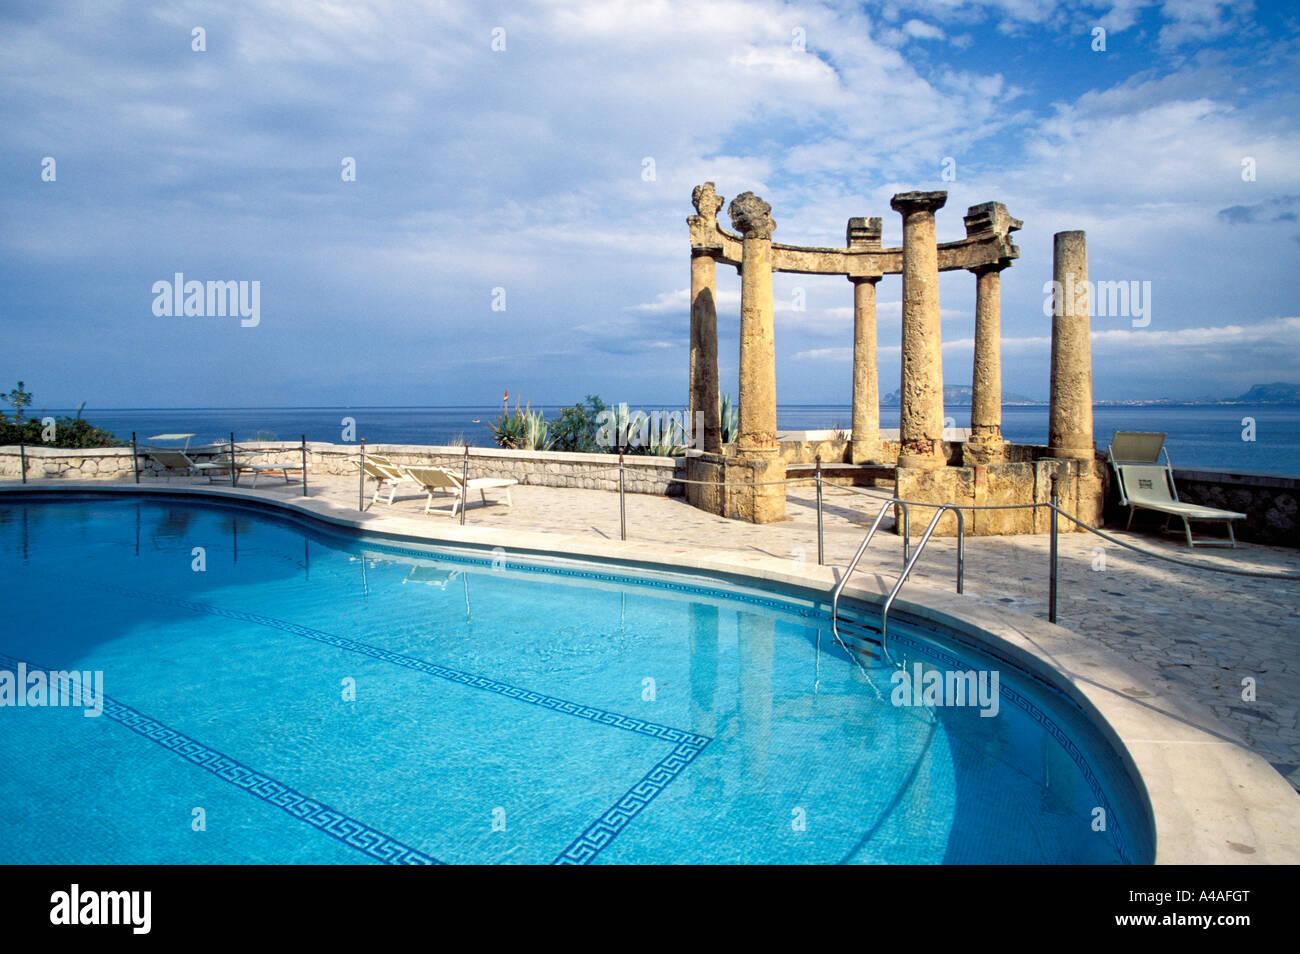 Il Grand Hotel Villa Igiea Palermo Sicilia Italia Foto stock - Alamy